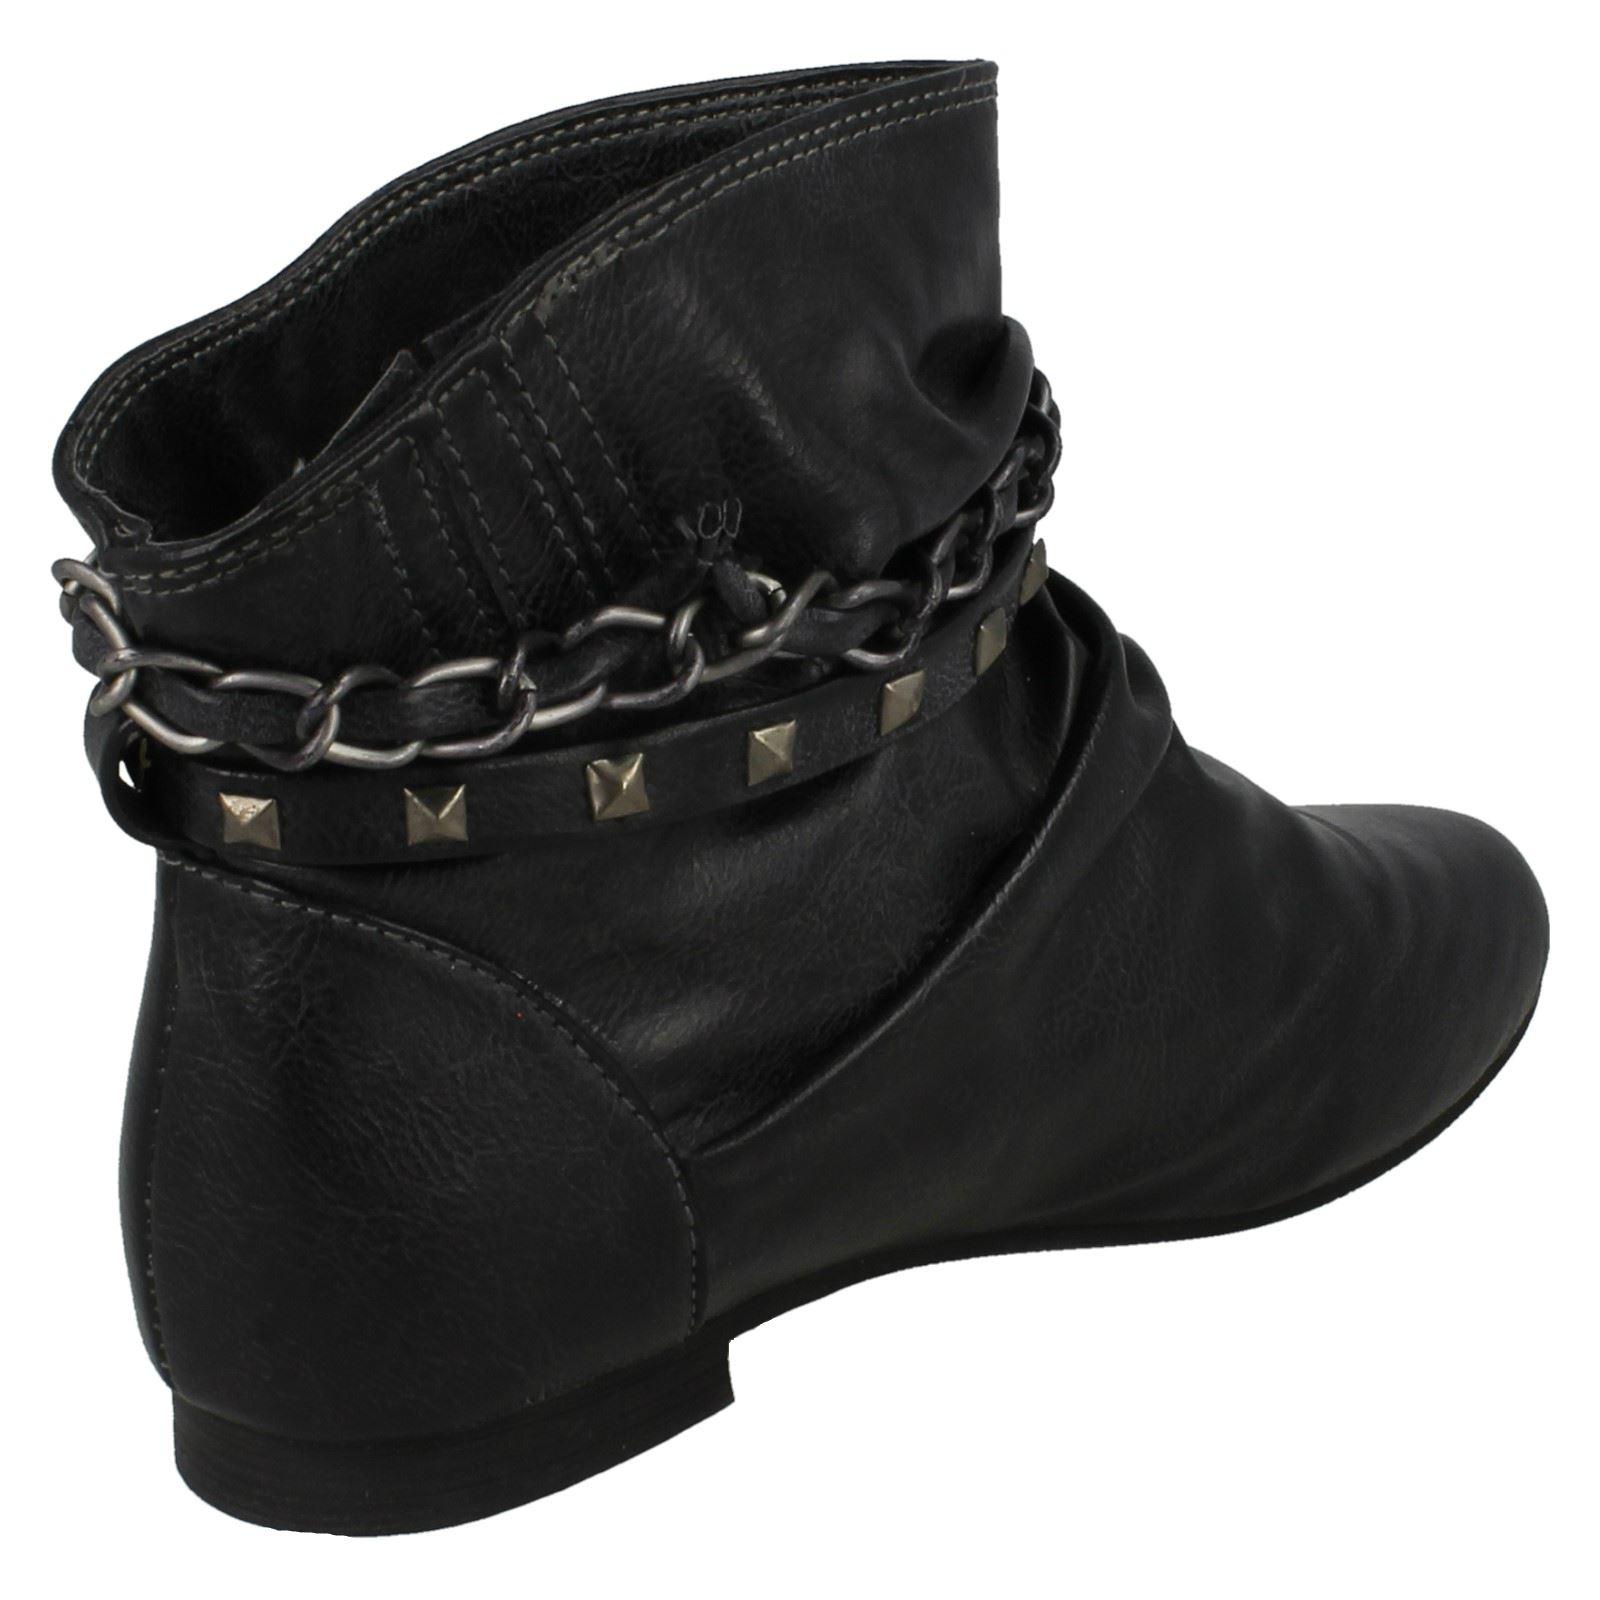 Girls Cutie Chain Strap Boots